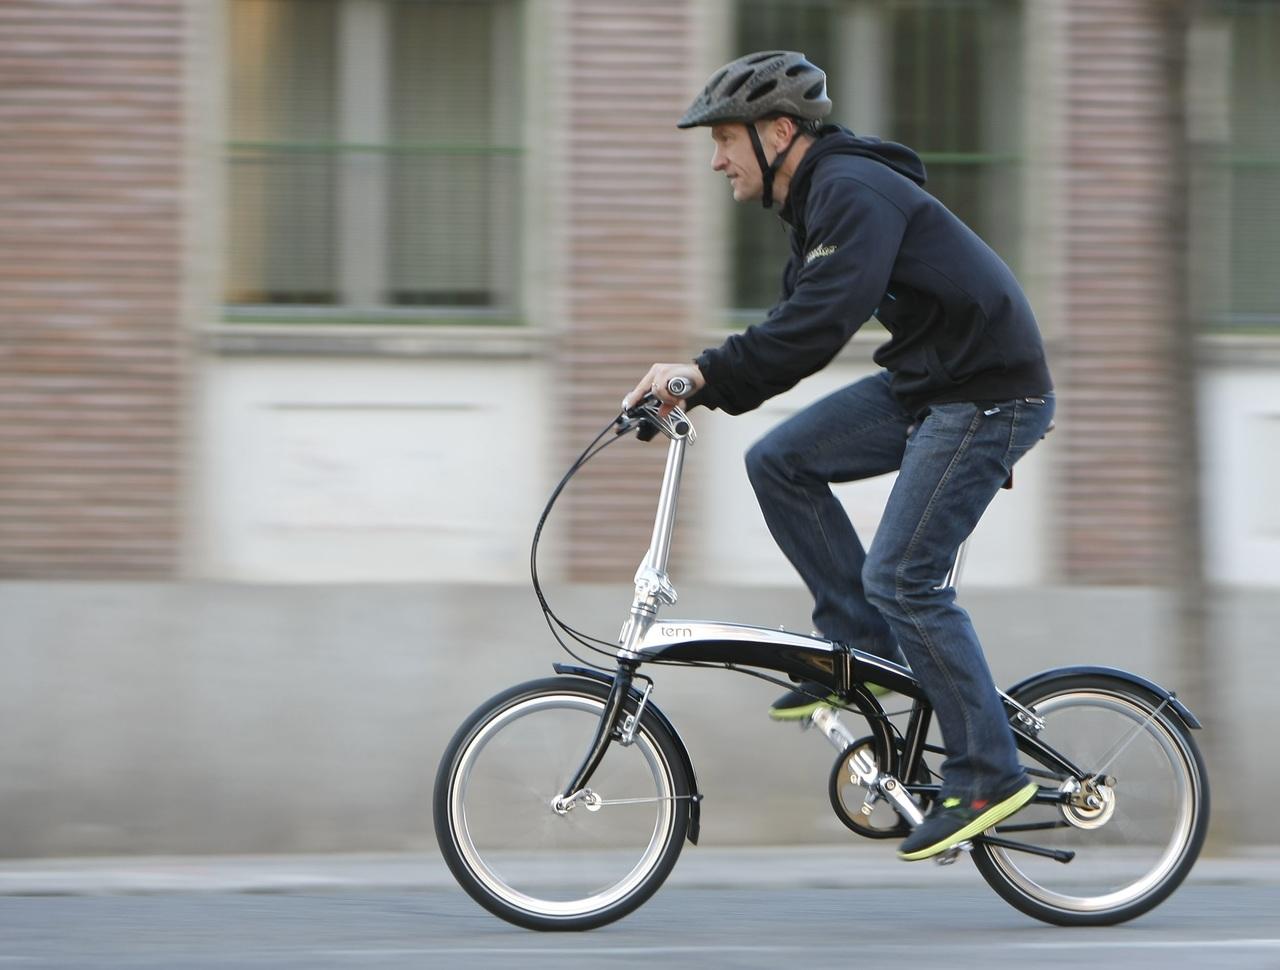 Urban cycling, brompton, foldable bike